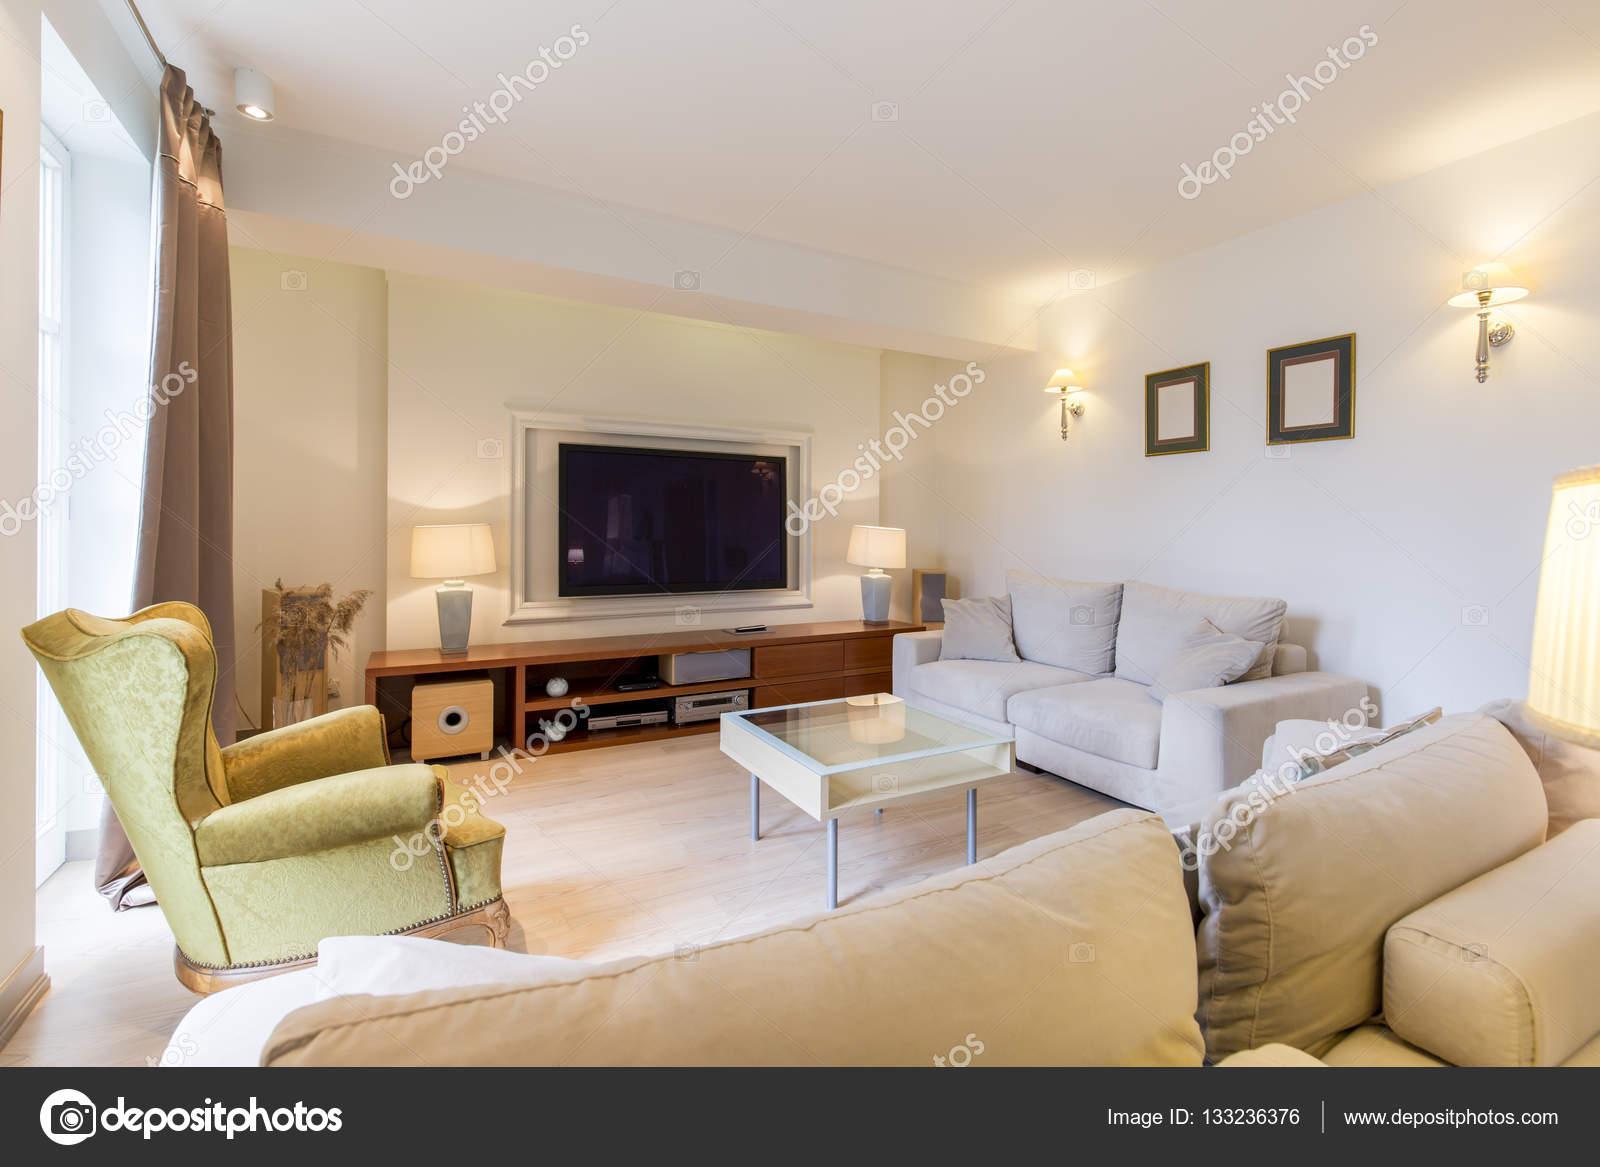 Gemutliches Wohnzimmer Mit Tv Stockfoto C Photographee Eu 133236376